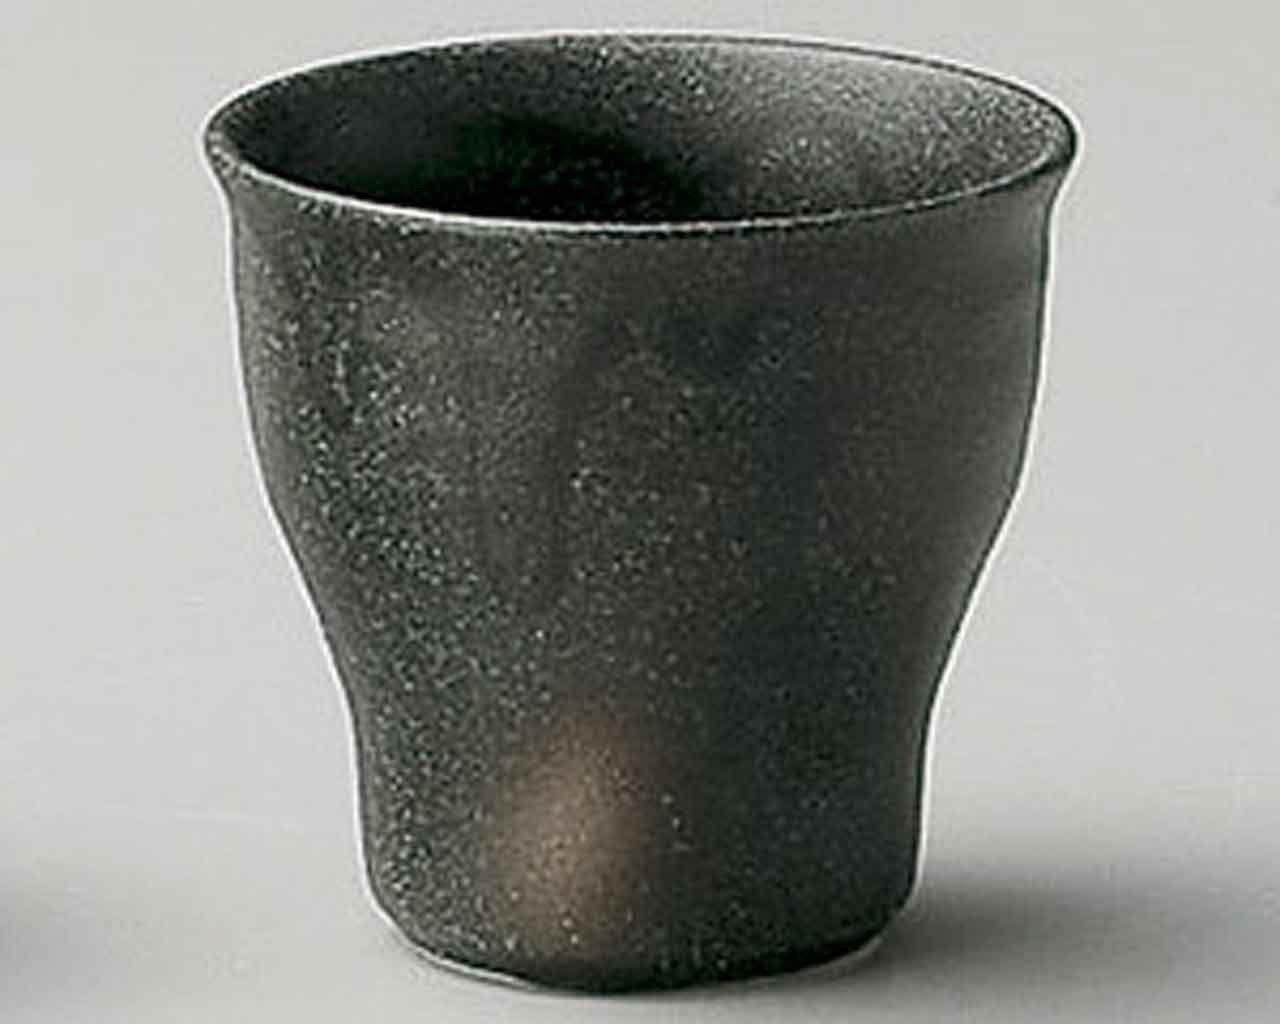 Bizen 2.6inch Set of 5 Sake Cups Black porcelain Made in Japan watou.asia